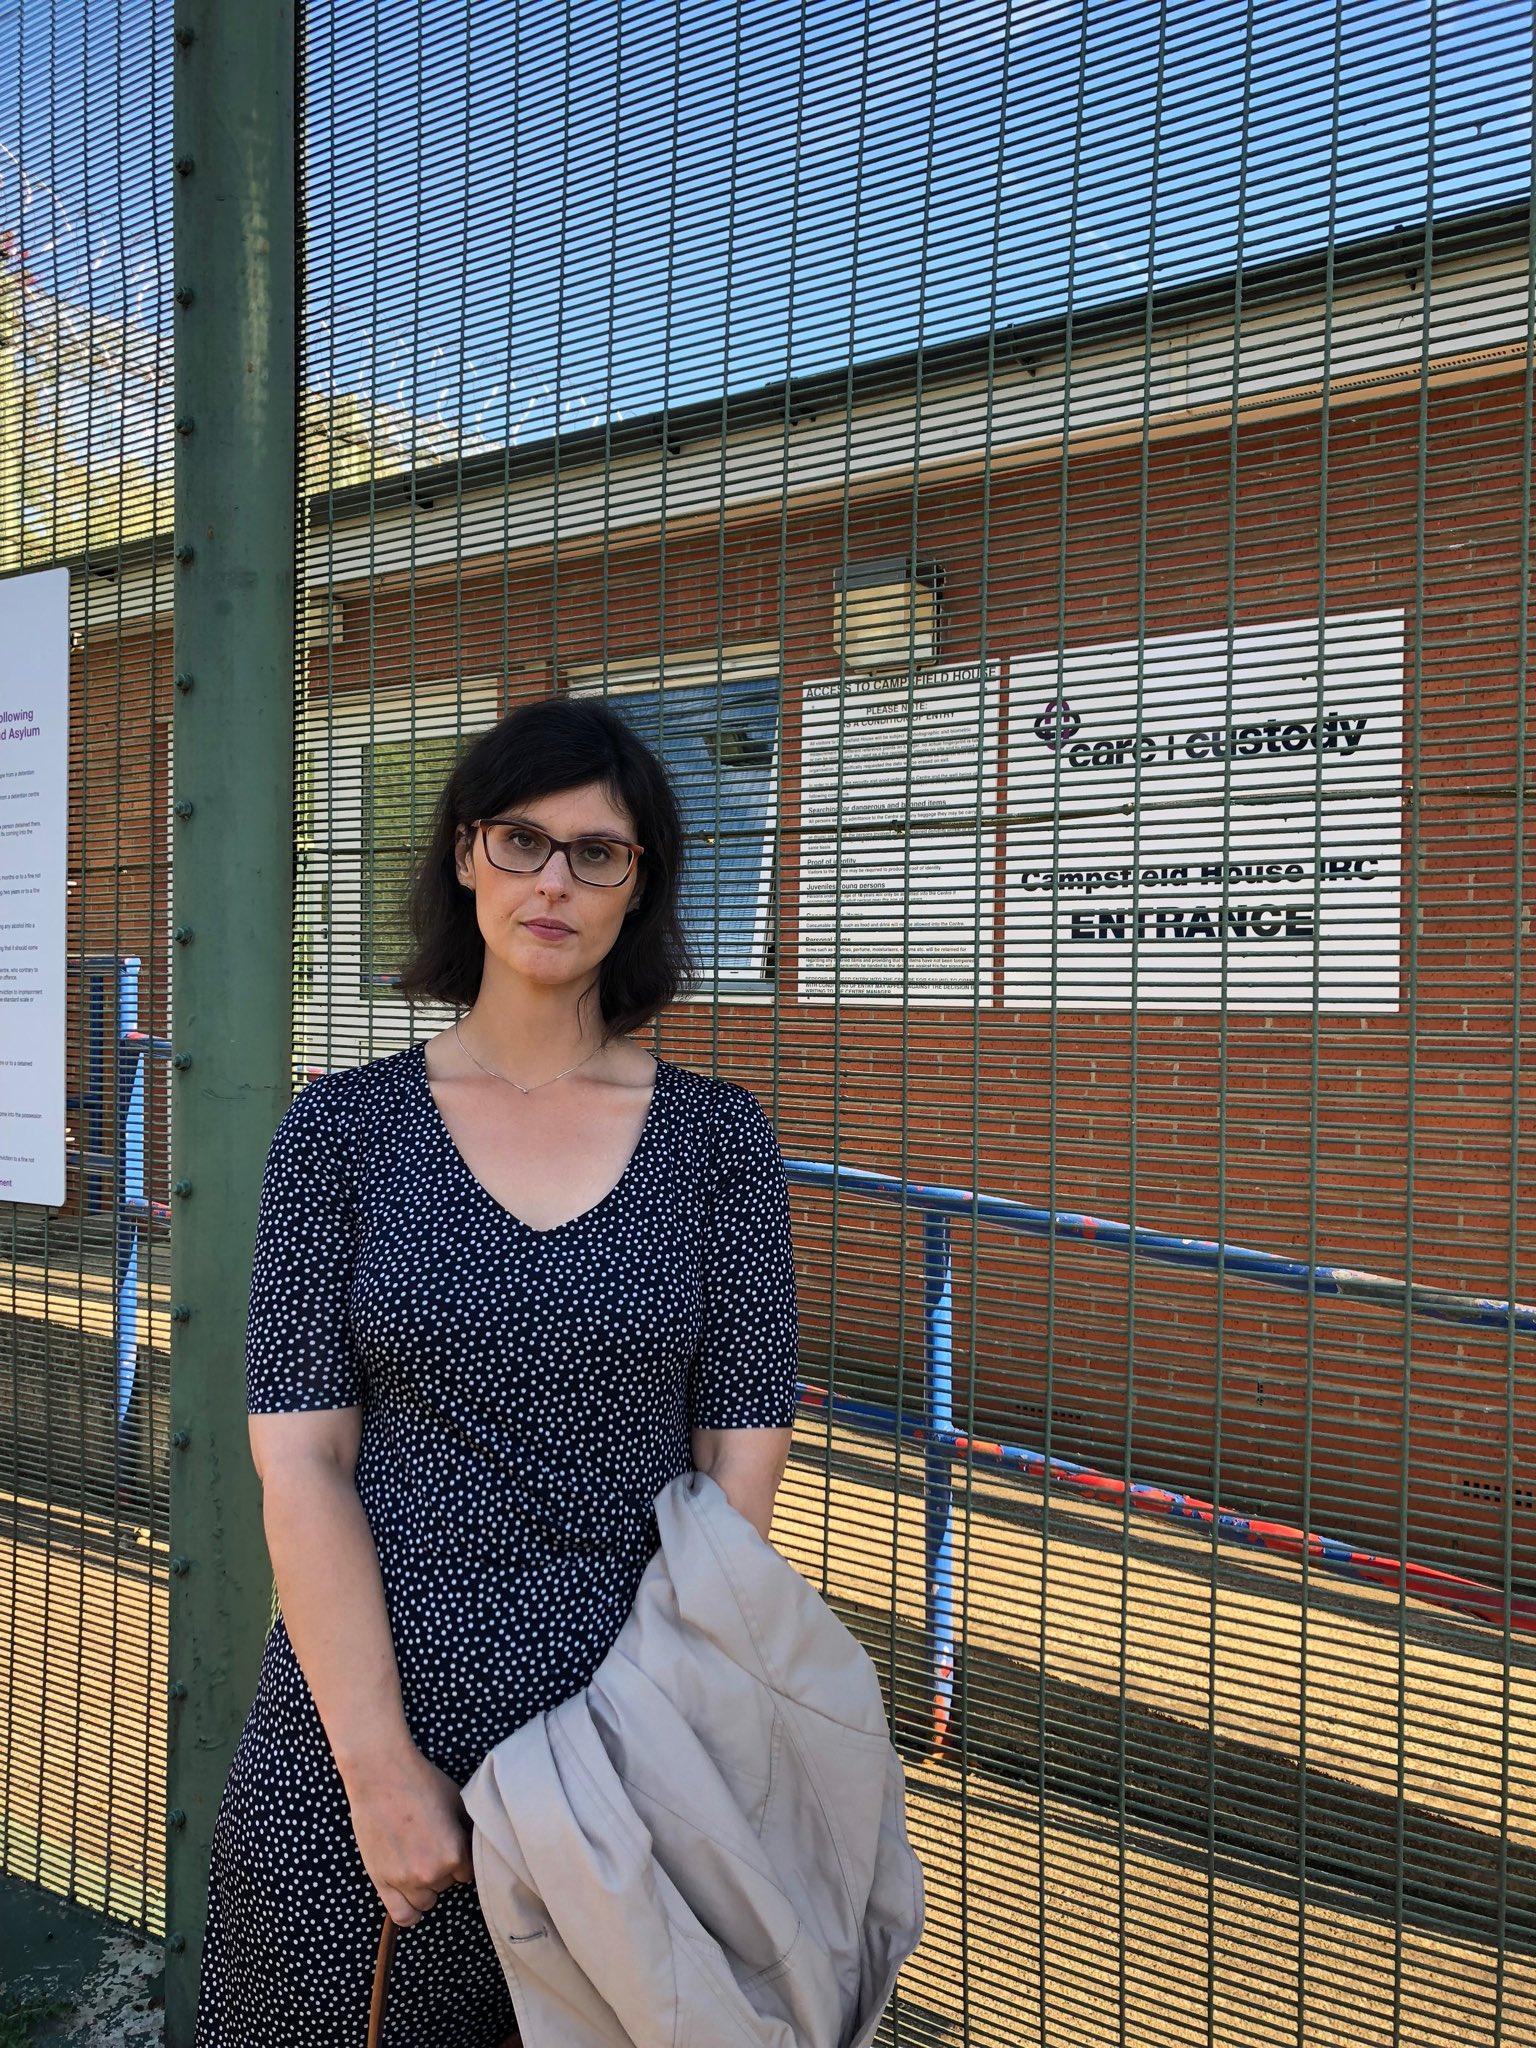 Layla_Moran_MP_outside_Campsfield_House_in_Kidlington.jpeg